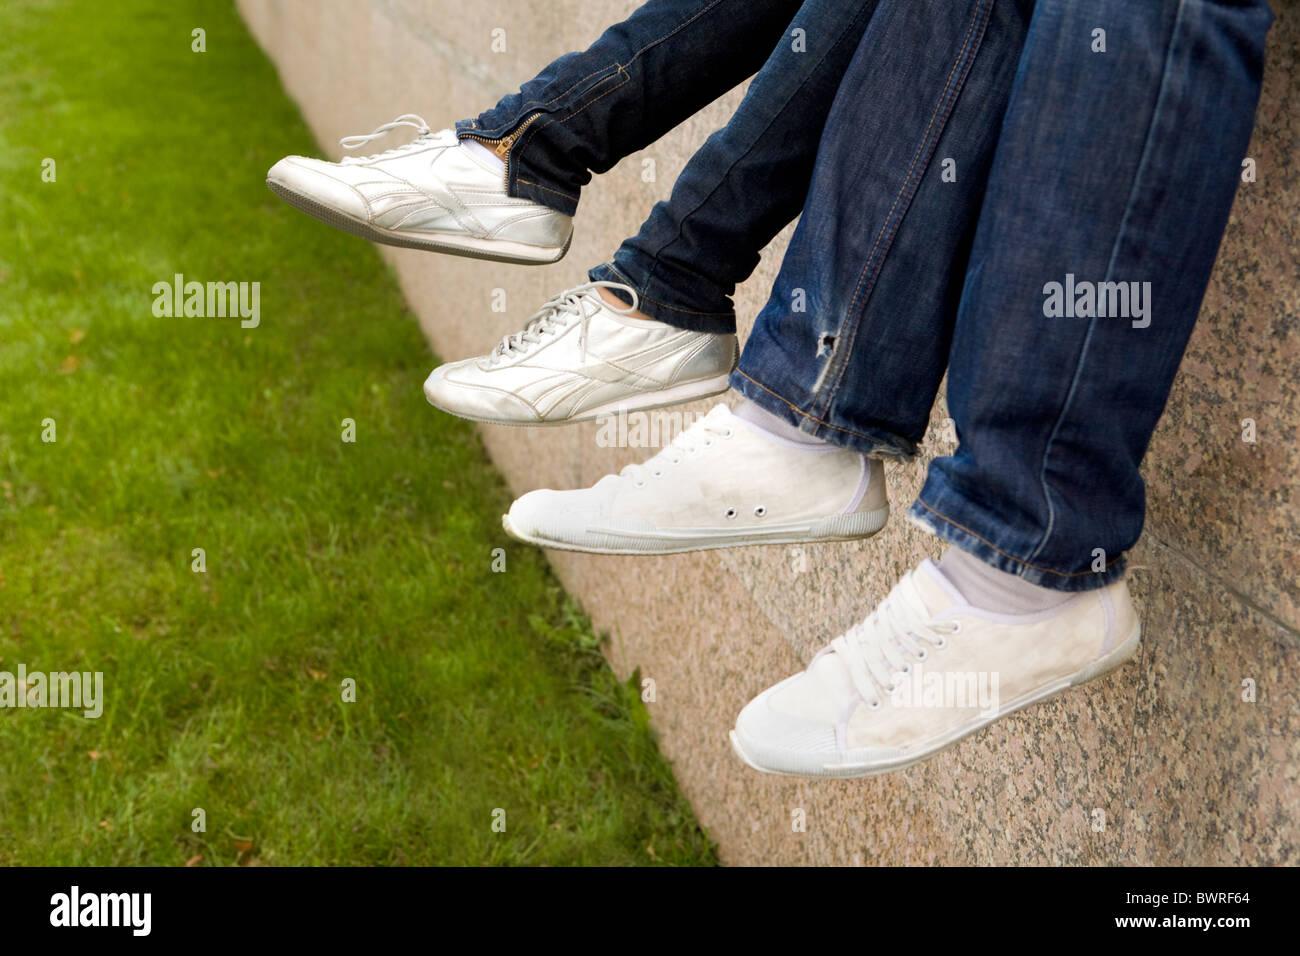 Close-up de deux paires de pieds portant des chaussures sportives Photo Stock